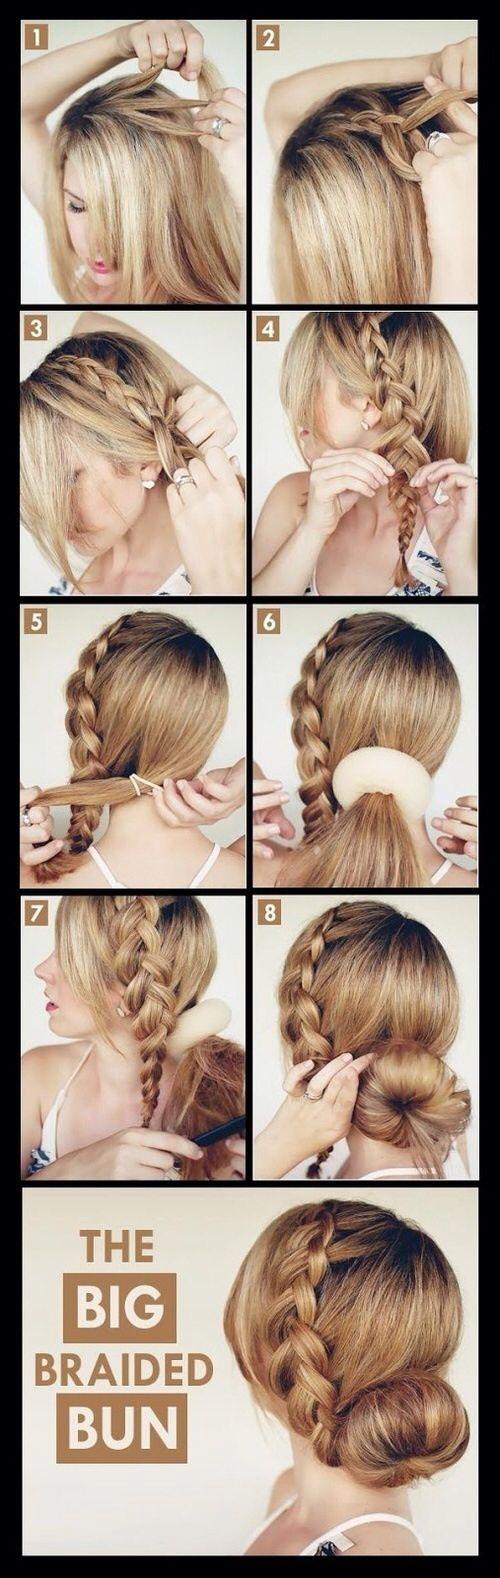 kieres lucir un peinado facil y elegante?